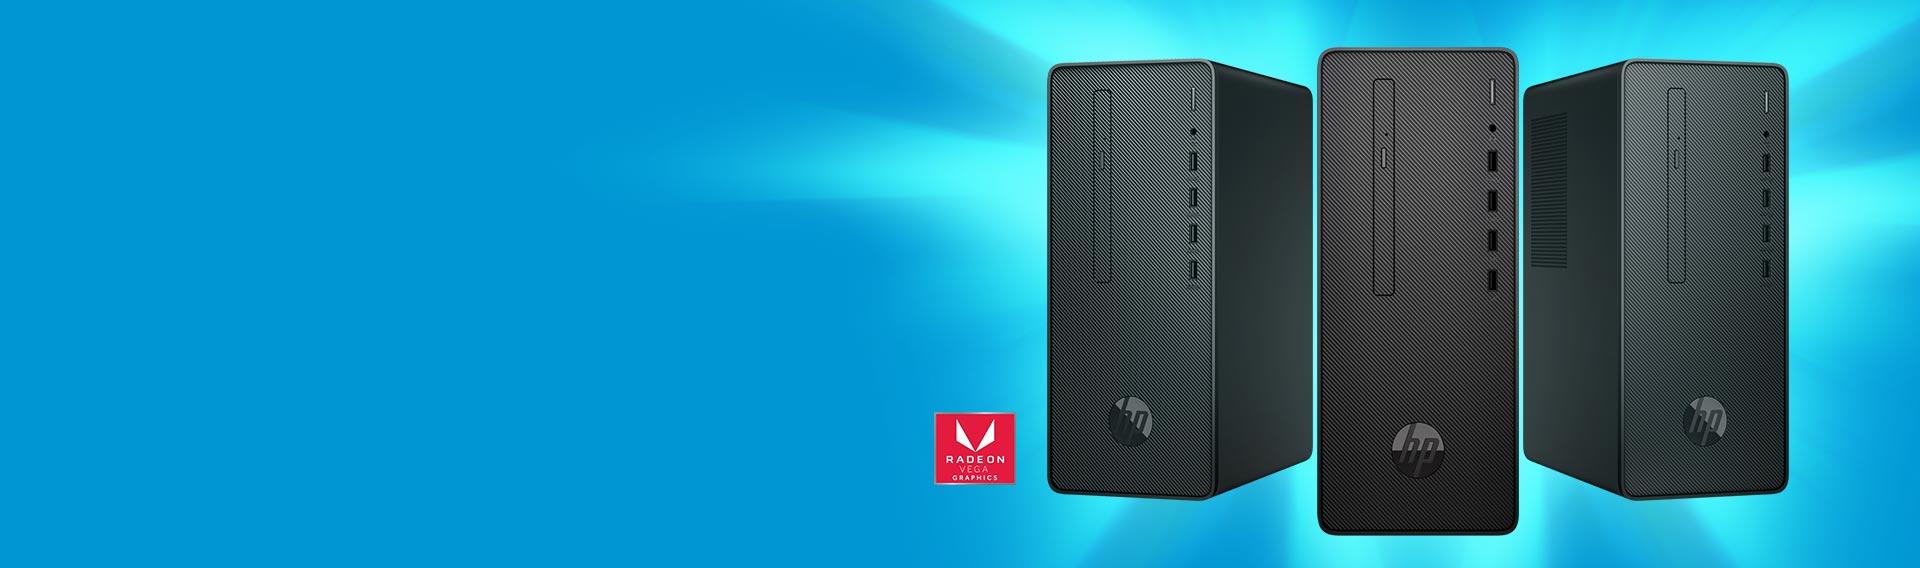 Desktops Pro A G3 MT